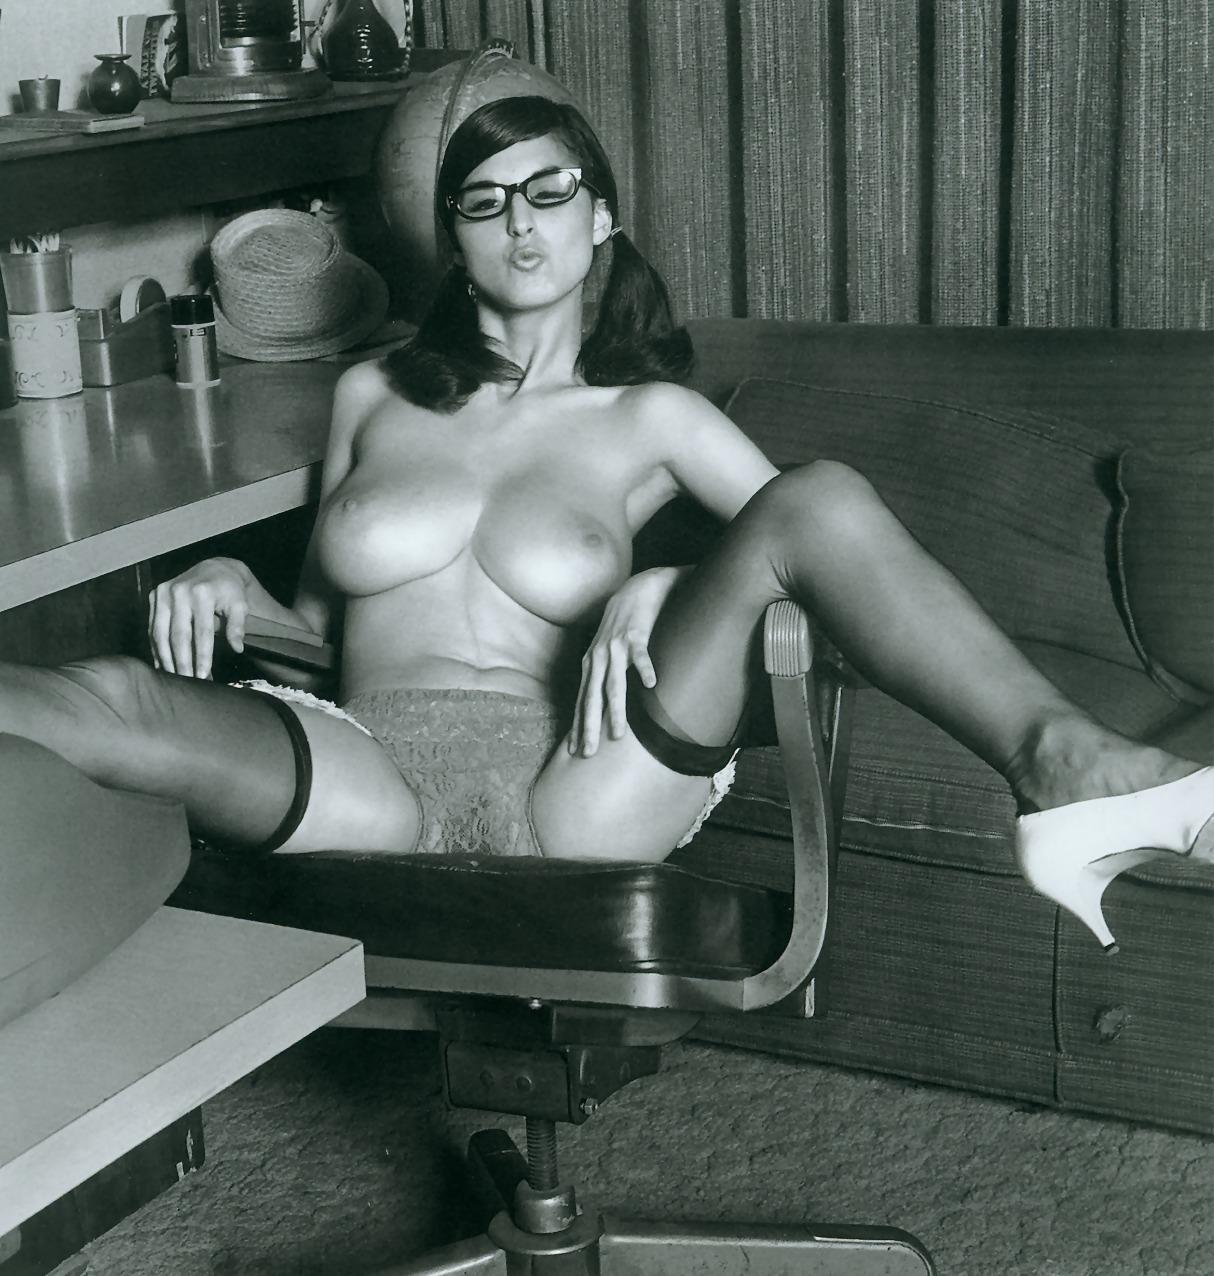 foto-kollektsiya-porno-erotika